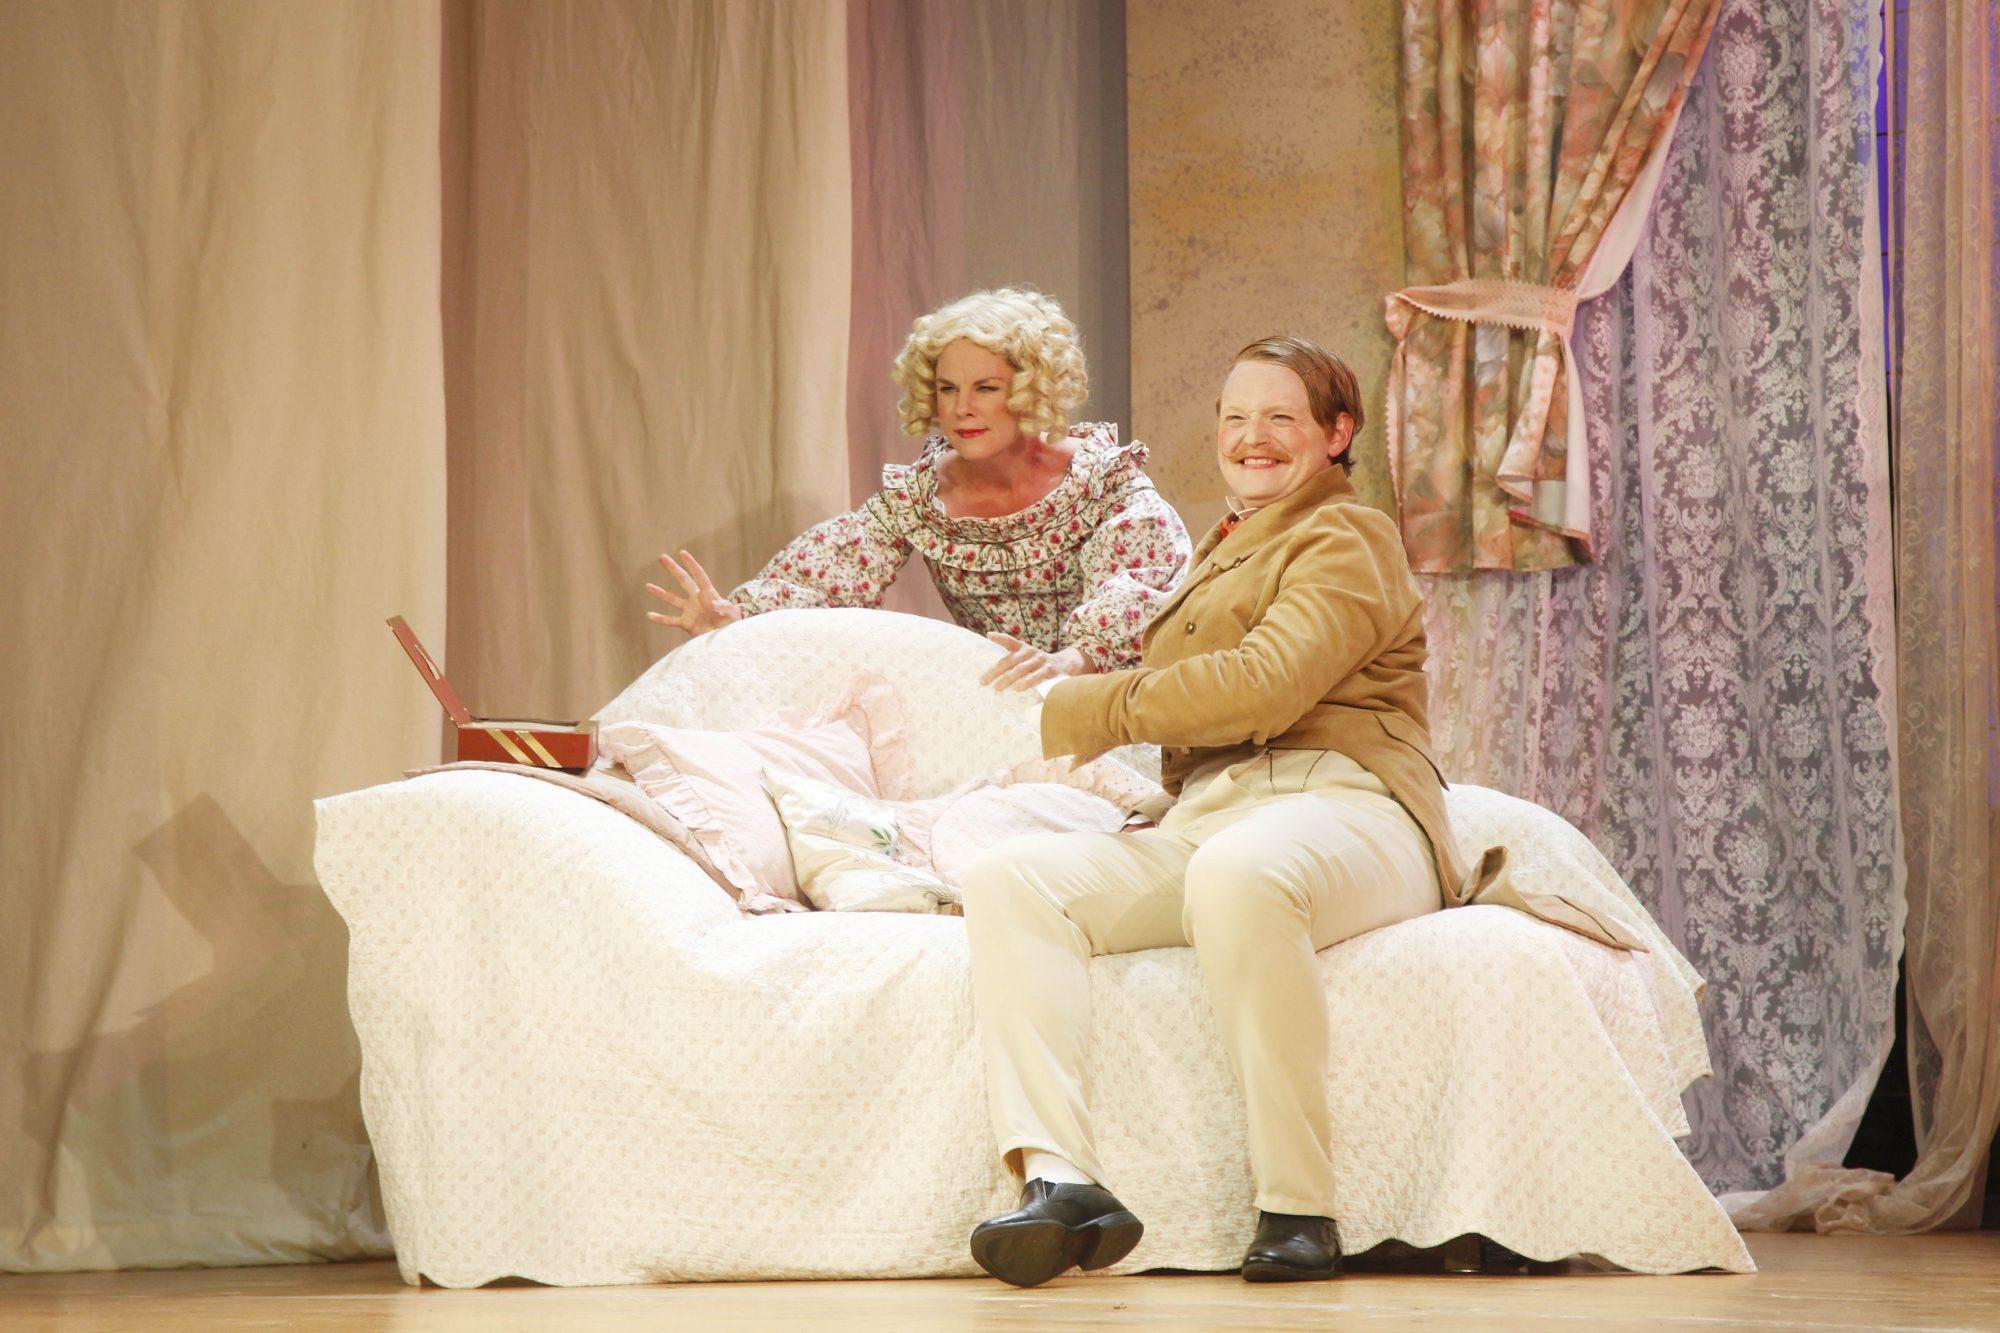 Don Pasquale ännu en succé med SmålandsOperan